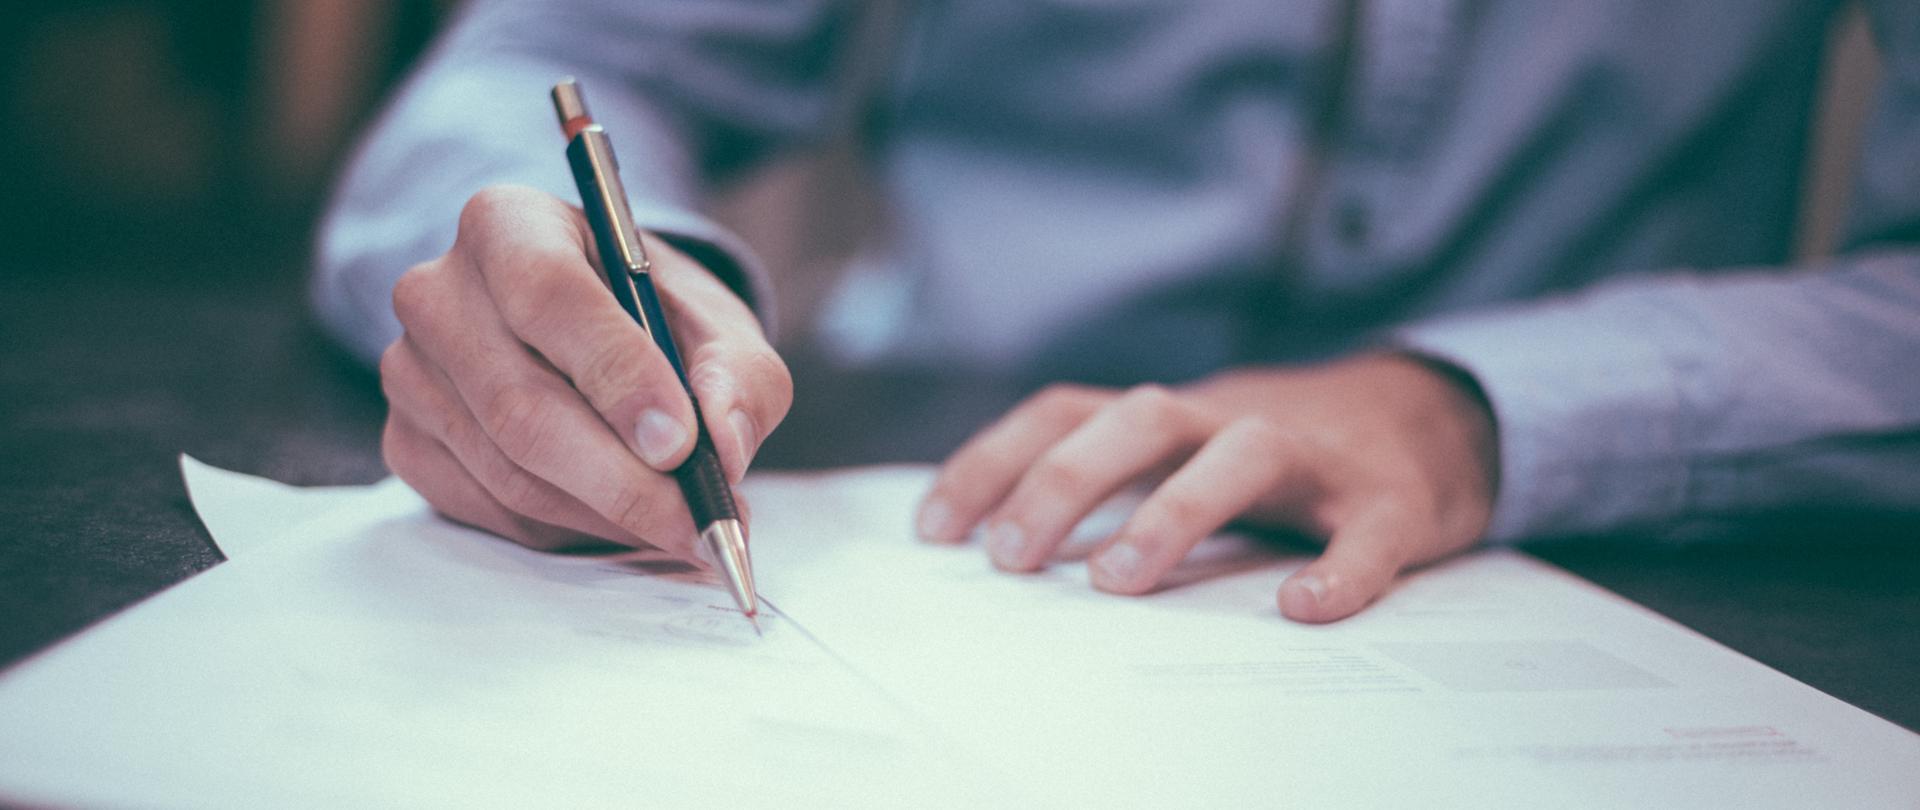 Na zdjęciu widoczny mężczyzna z długopisem w ręku oraz dokumentami.